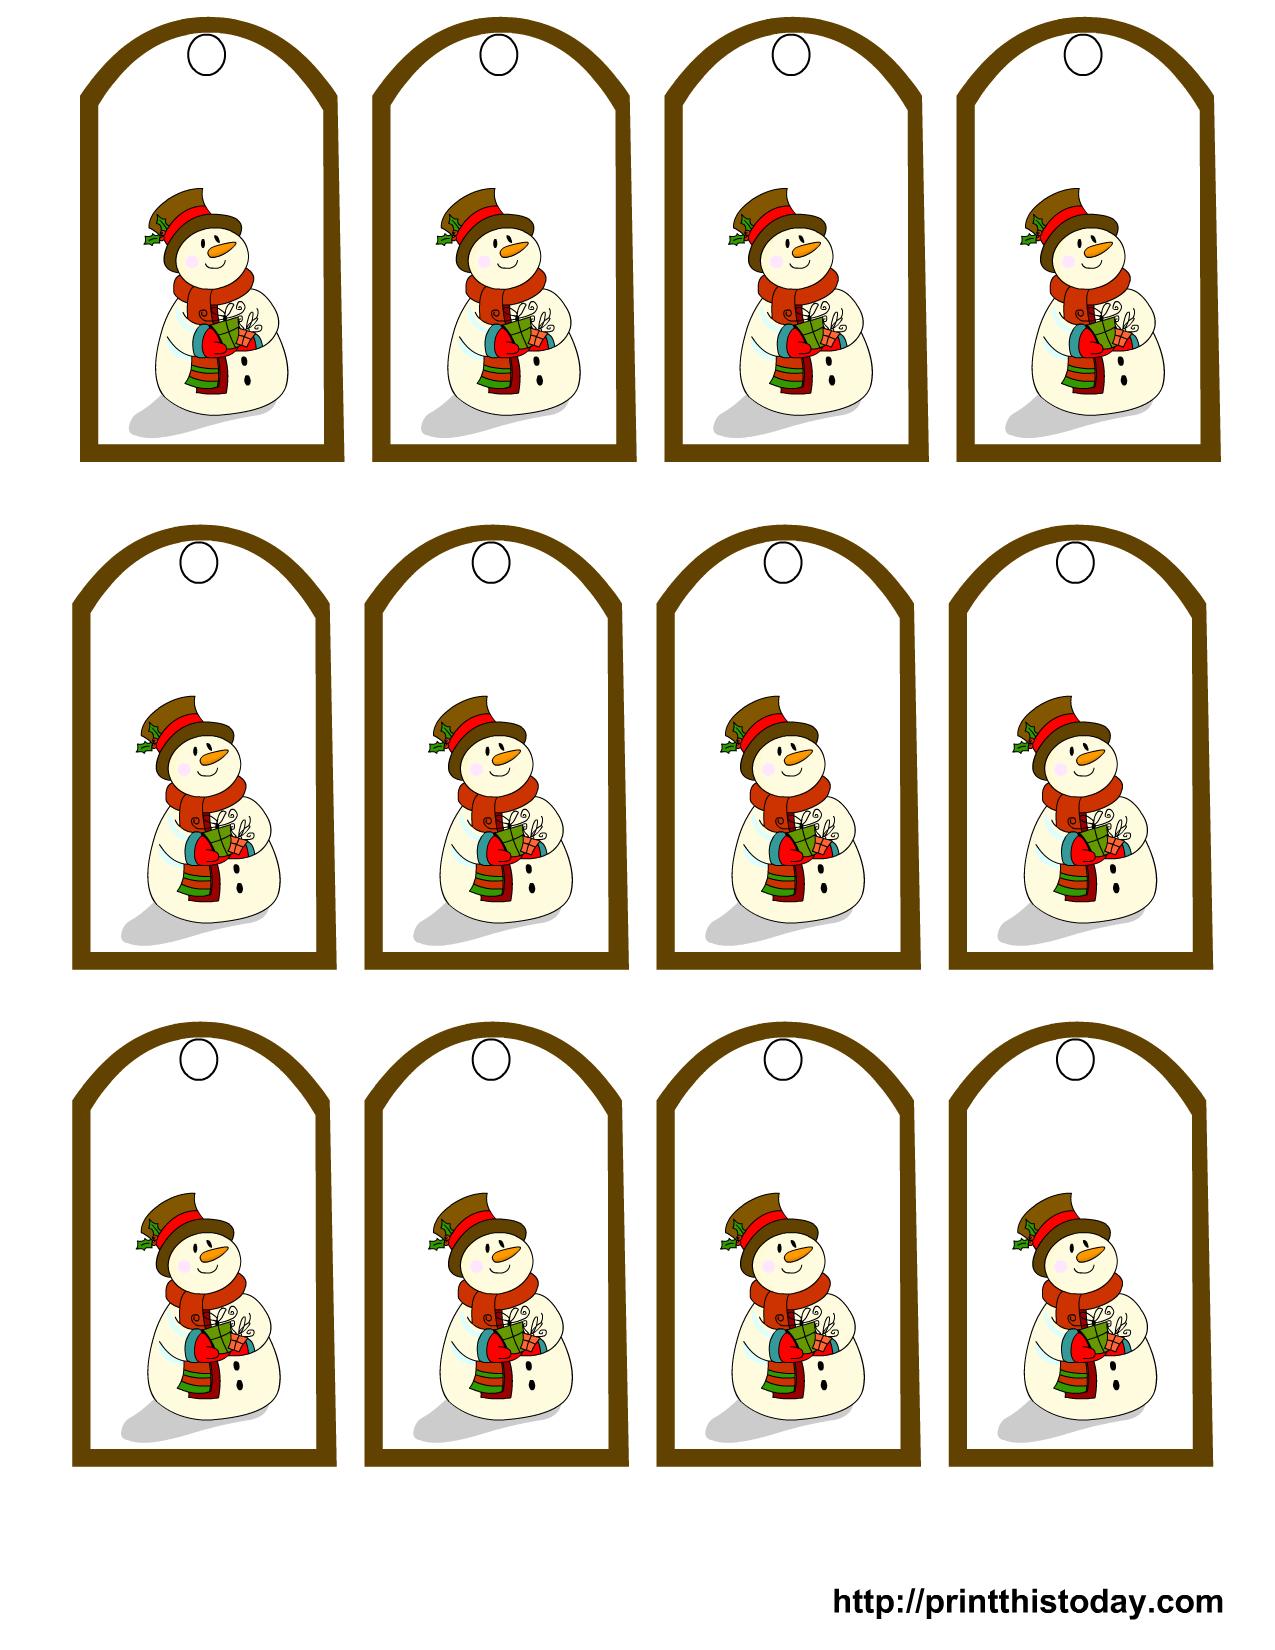 Free Printable Snowman Christmas Gift Tags - Free Printable Snowman Stationery